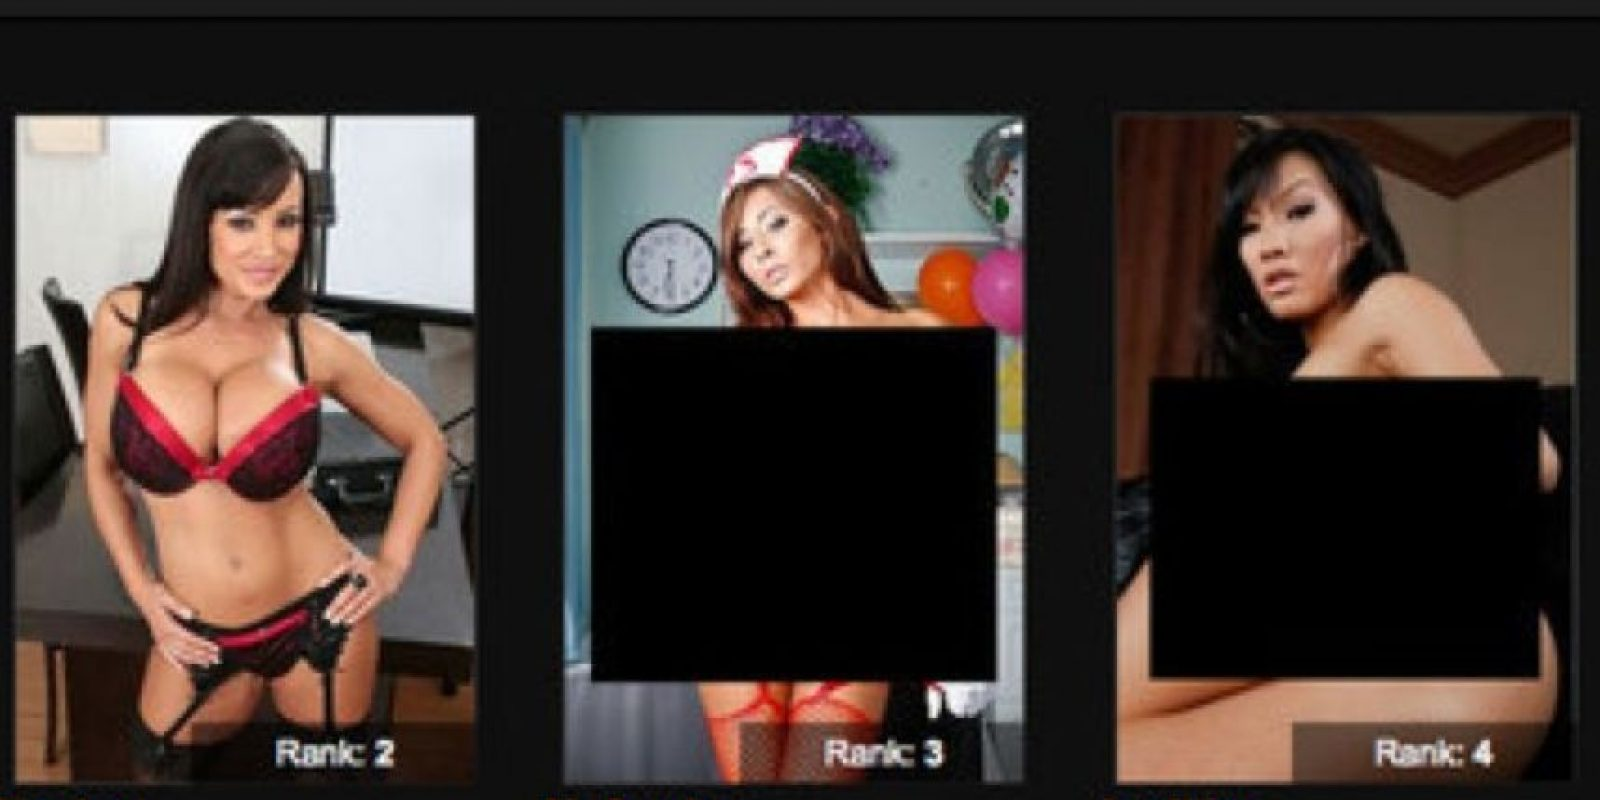 Tiene 21 años, es estudiante universitaria y la estrella más popular en el portal PornHub Foto:Porn Hub